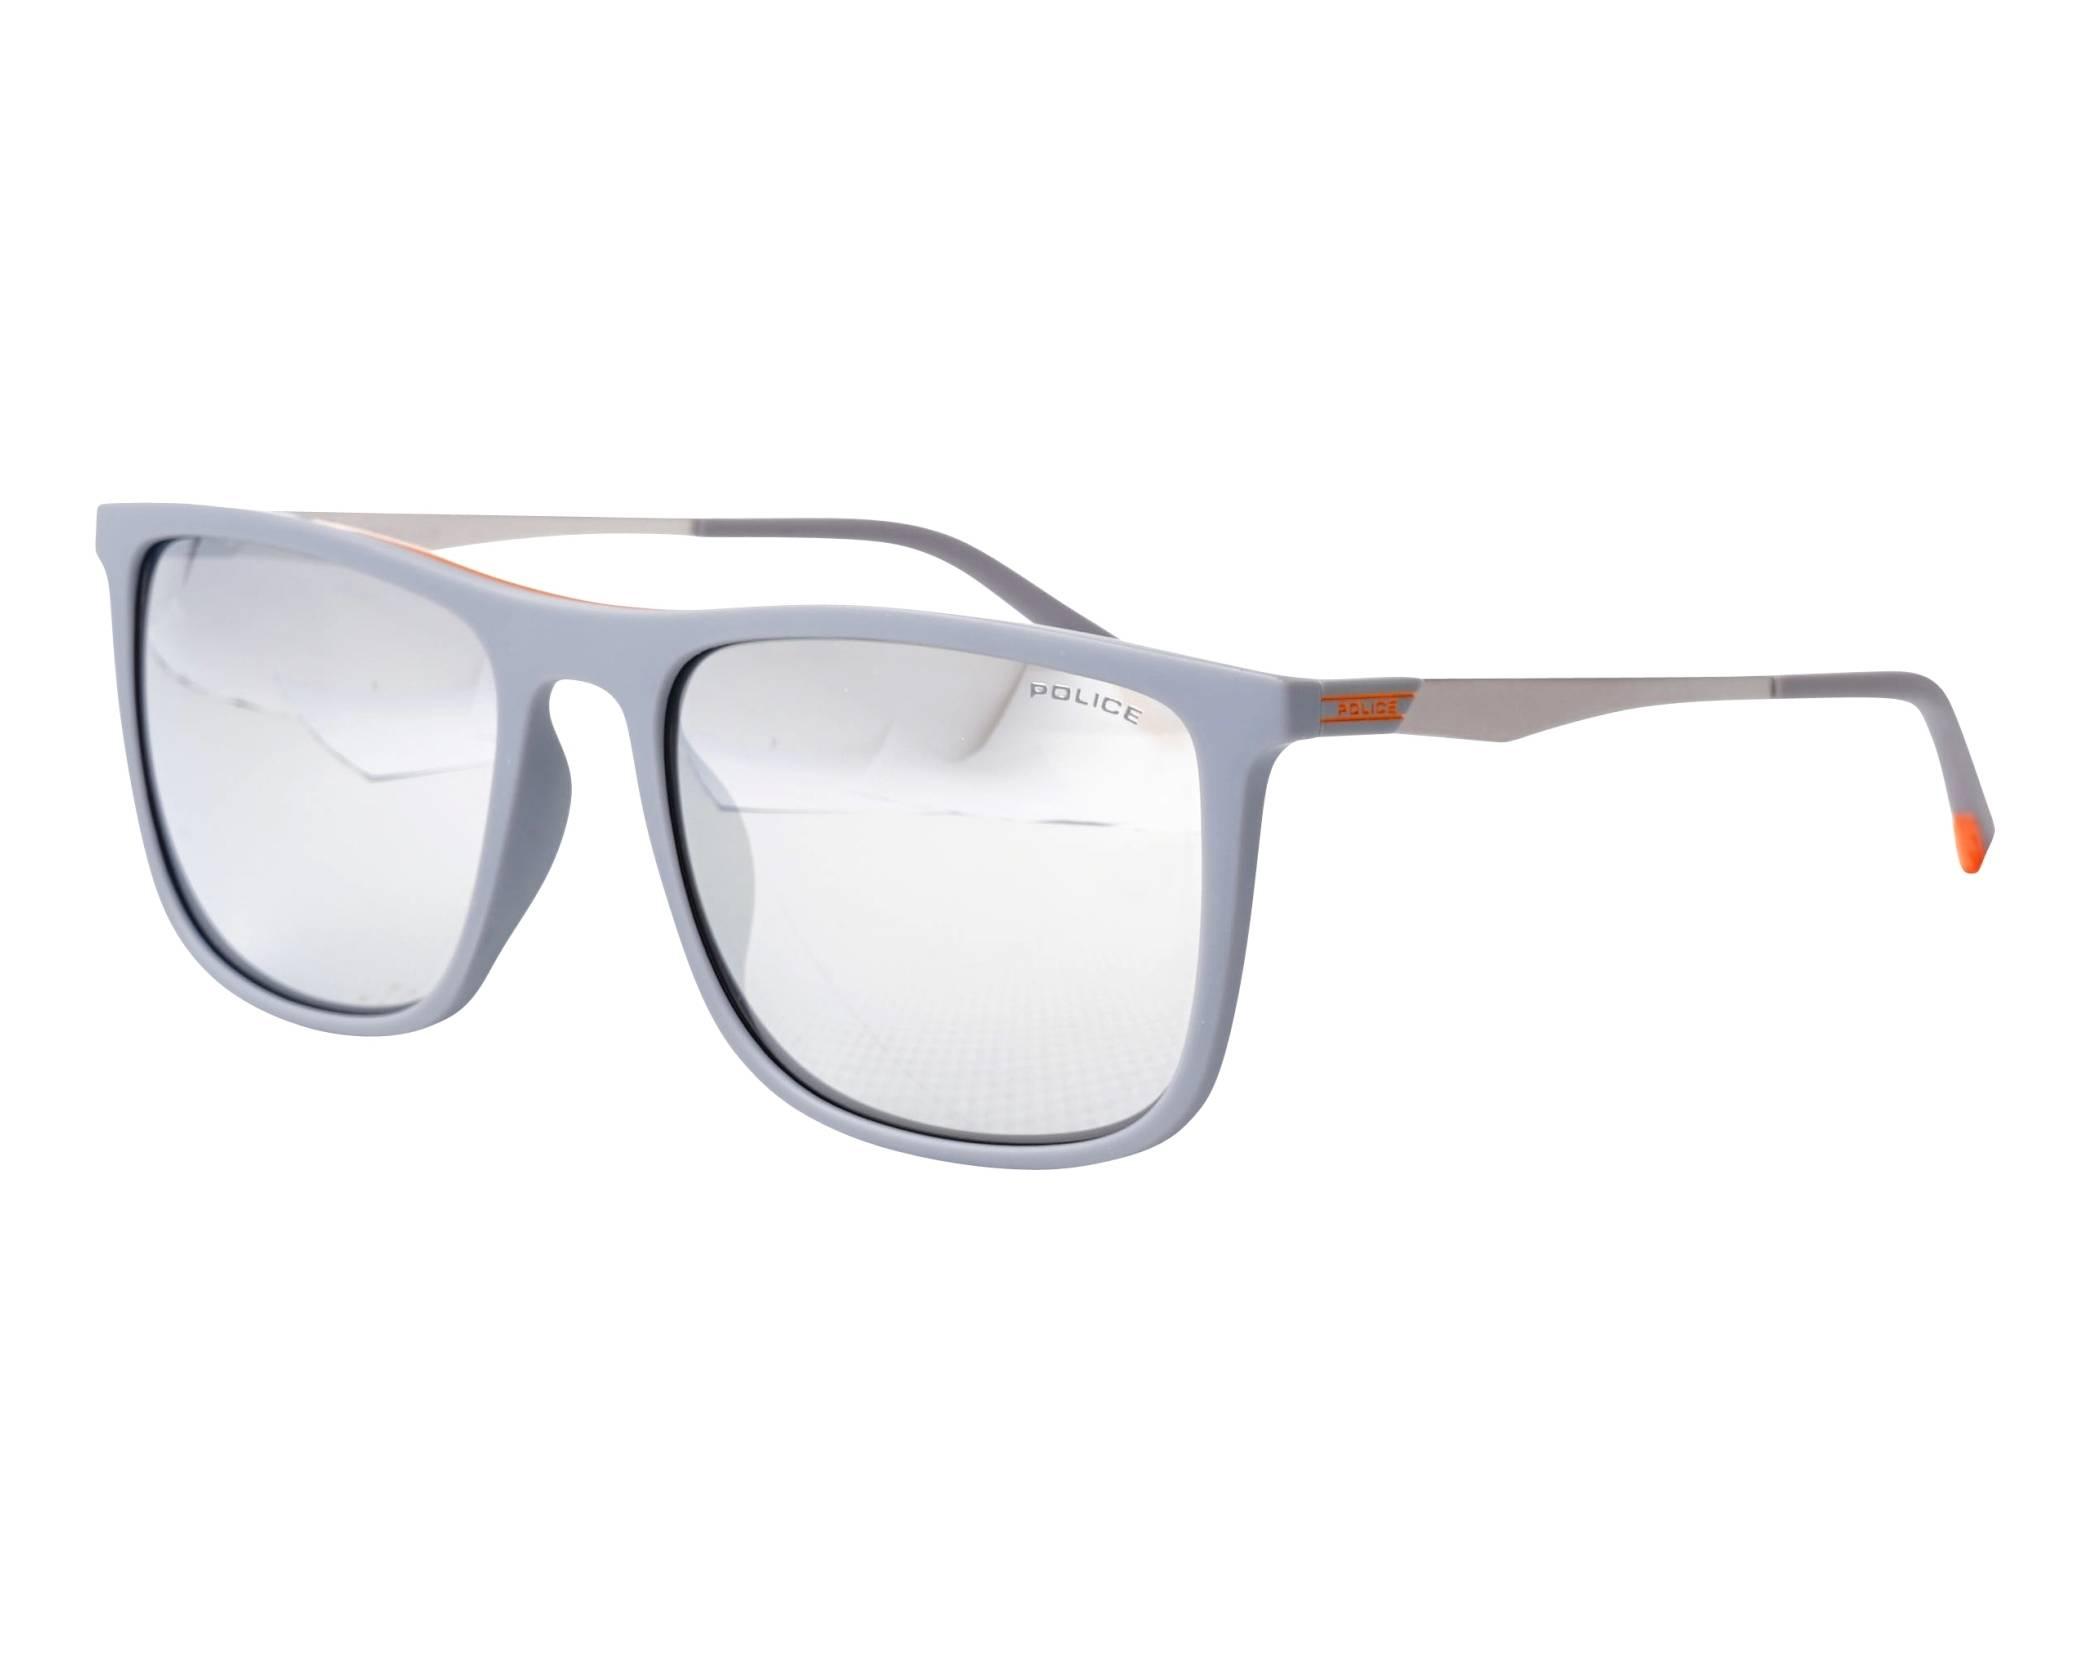 8750e018a9 Gafas de sol Police SPL-770 L65X 55-18 Gris Plata vista de perfil